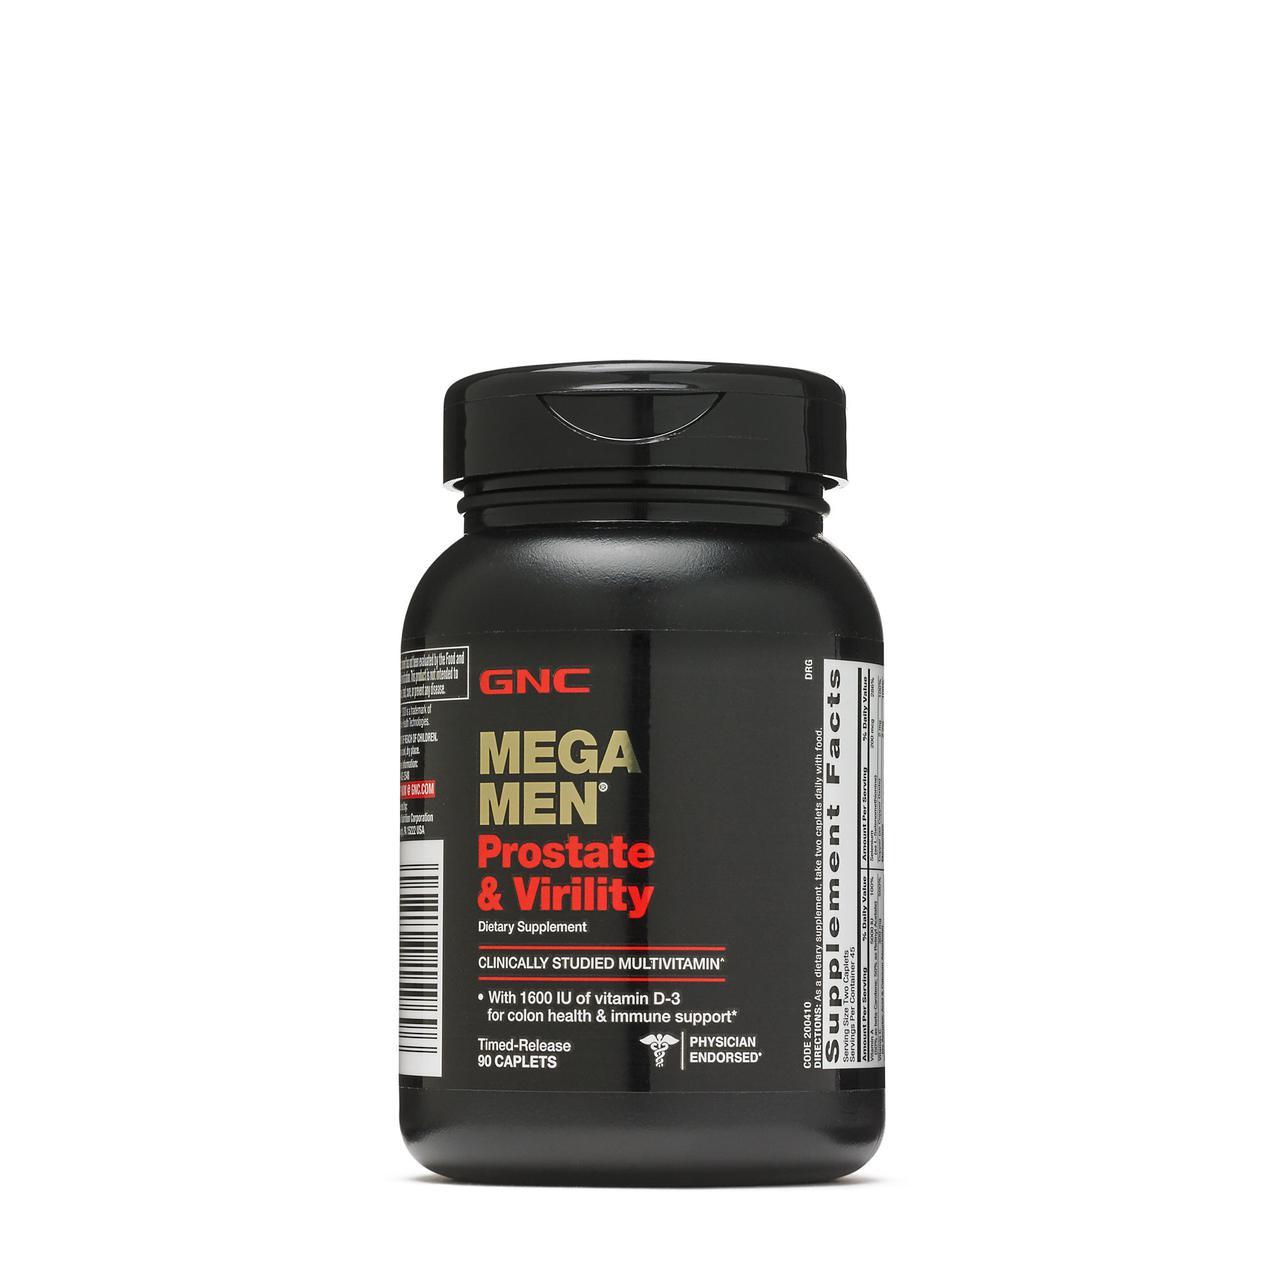 GNC Mega Men Prostate & Virility 90 caps